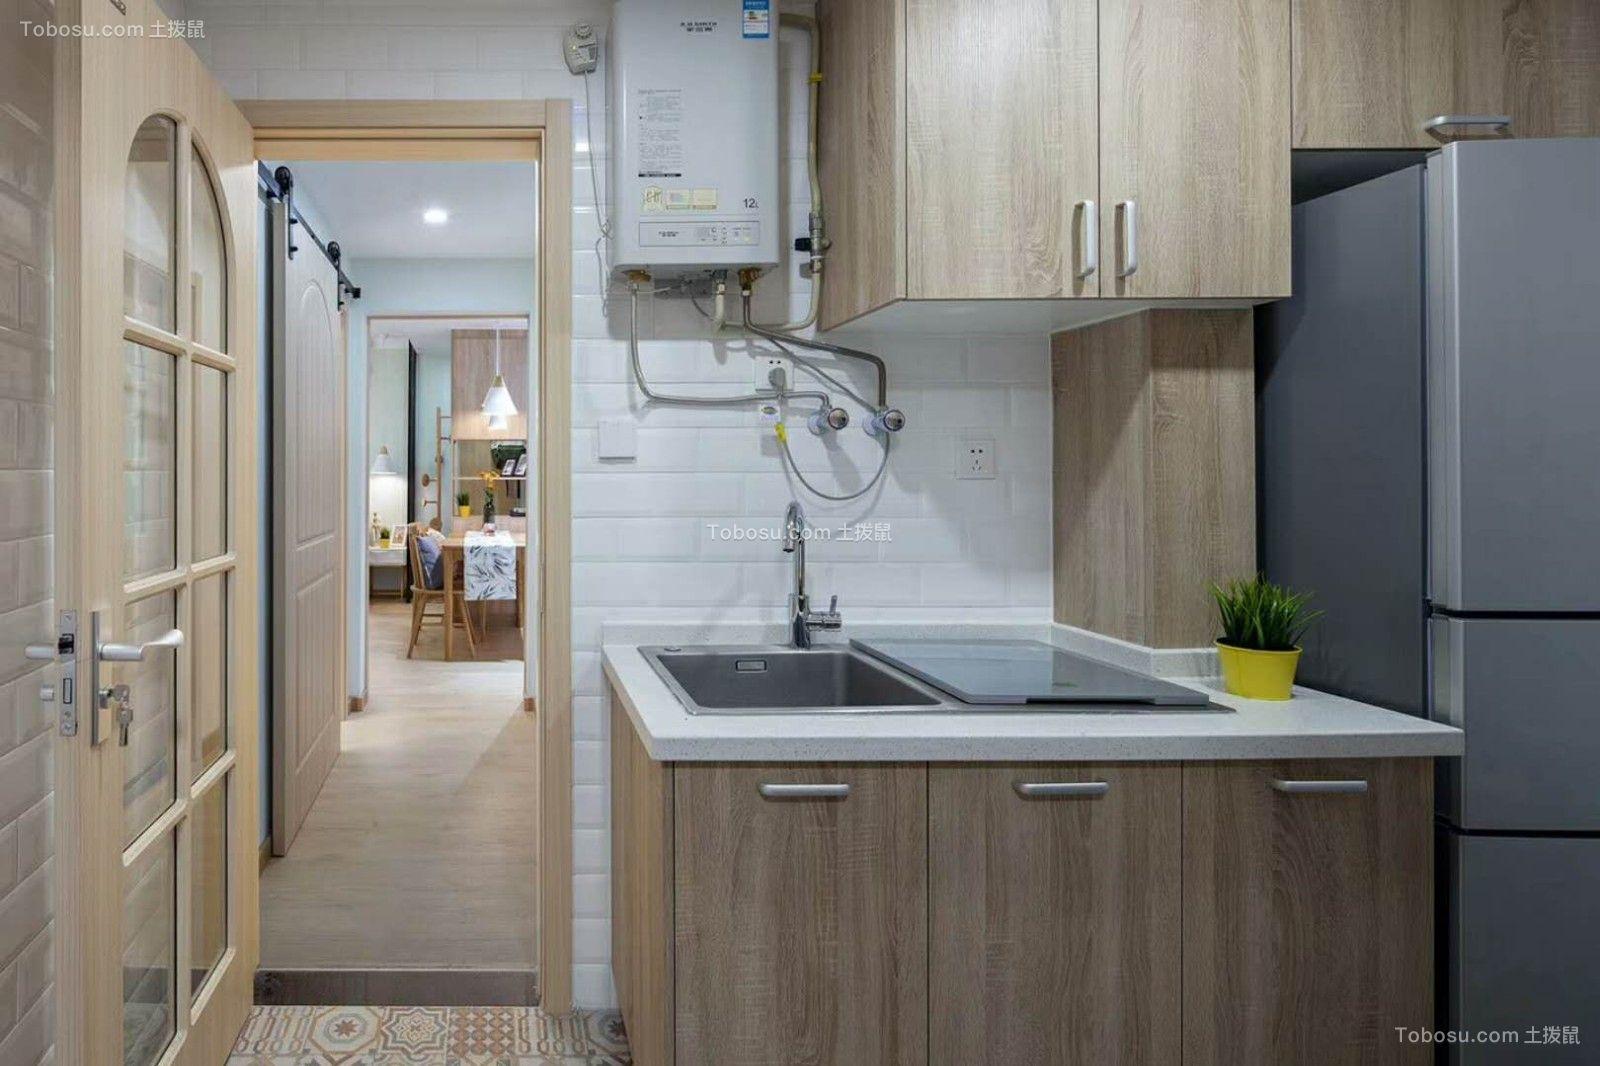 厨房蓝色橱柜简约风格装饰设计图片